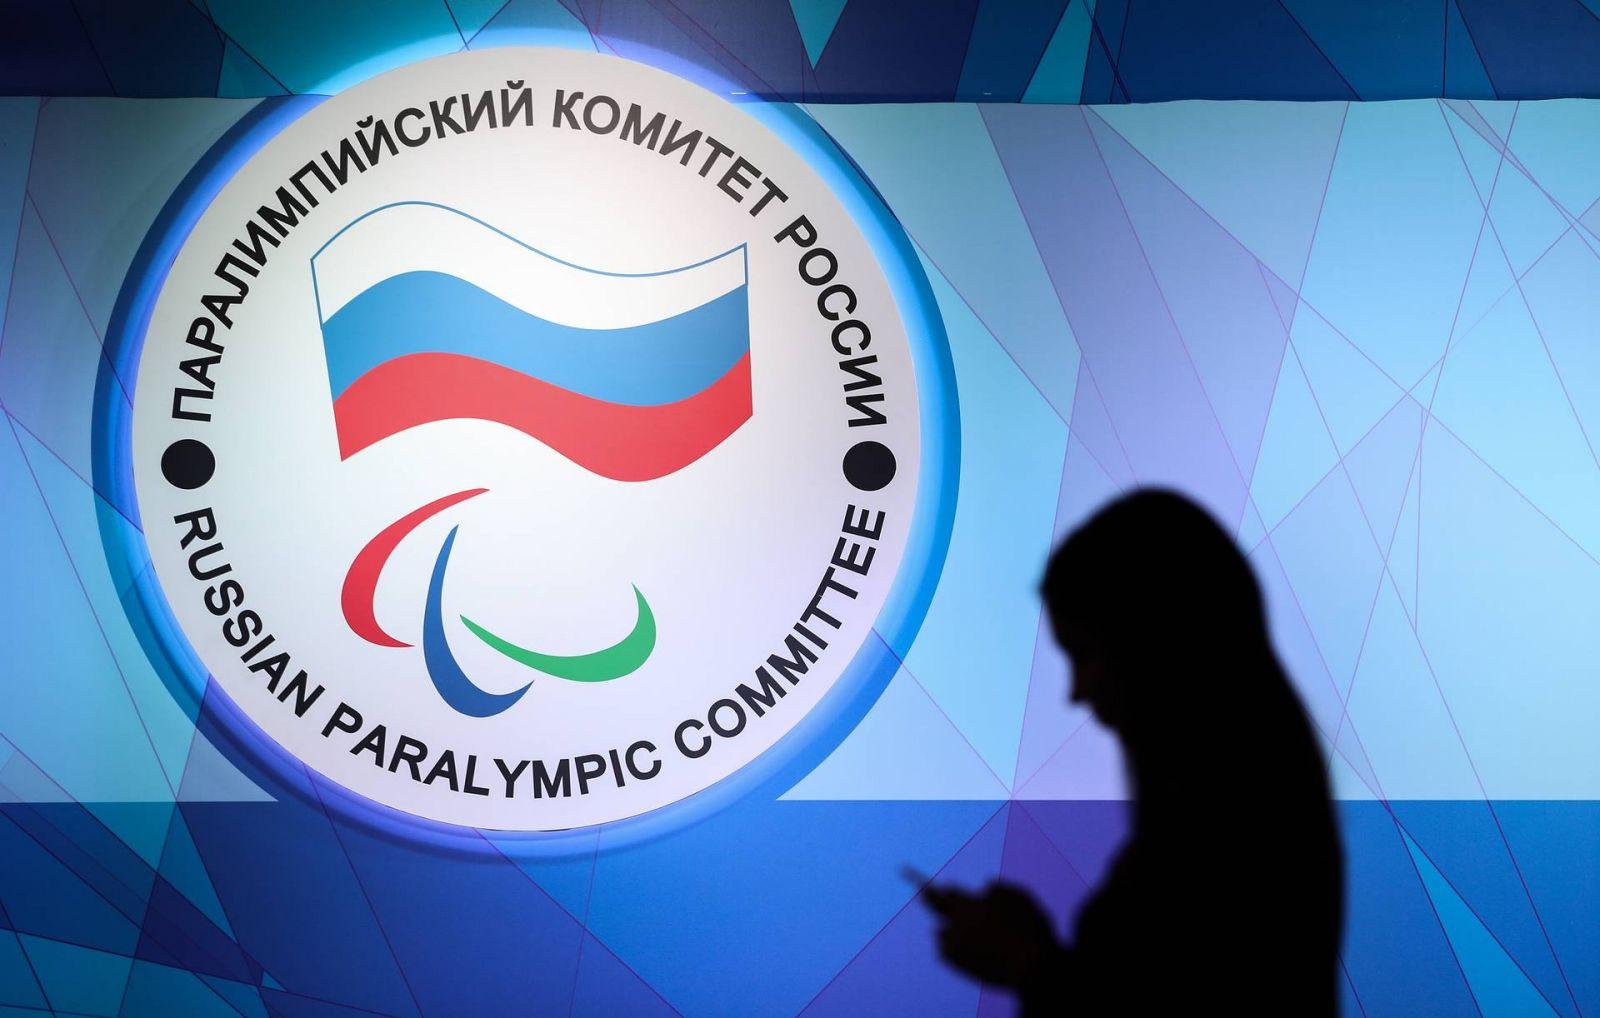 ТАСС: Паралимпийский комитет России отмечает 25-летний юбилей